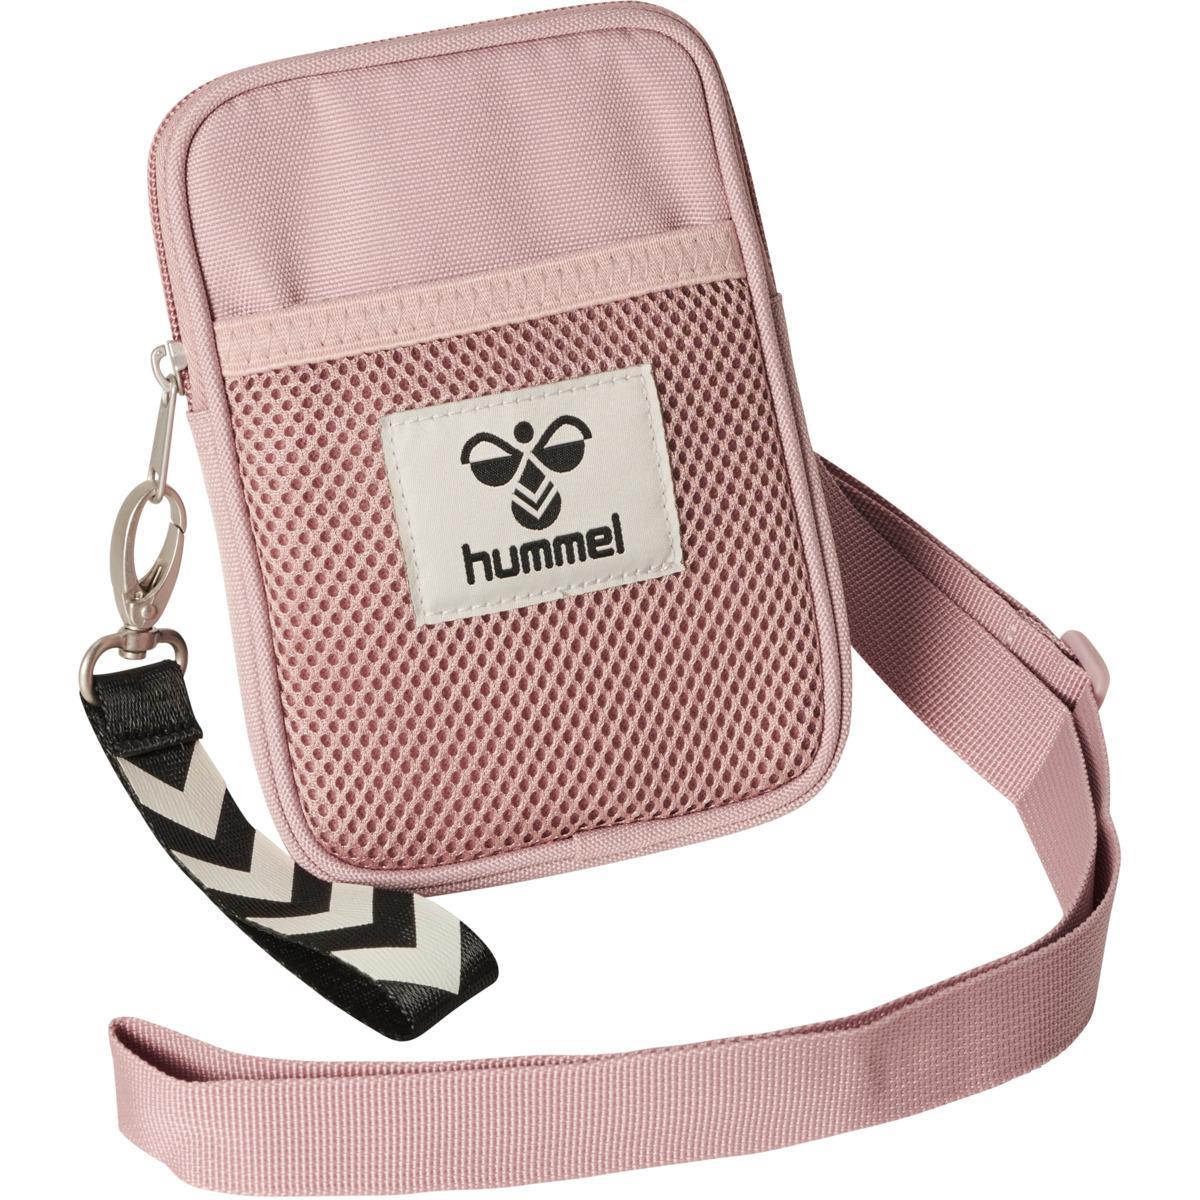 HML 207444 ELECTRO SHOULDER BAG